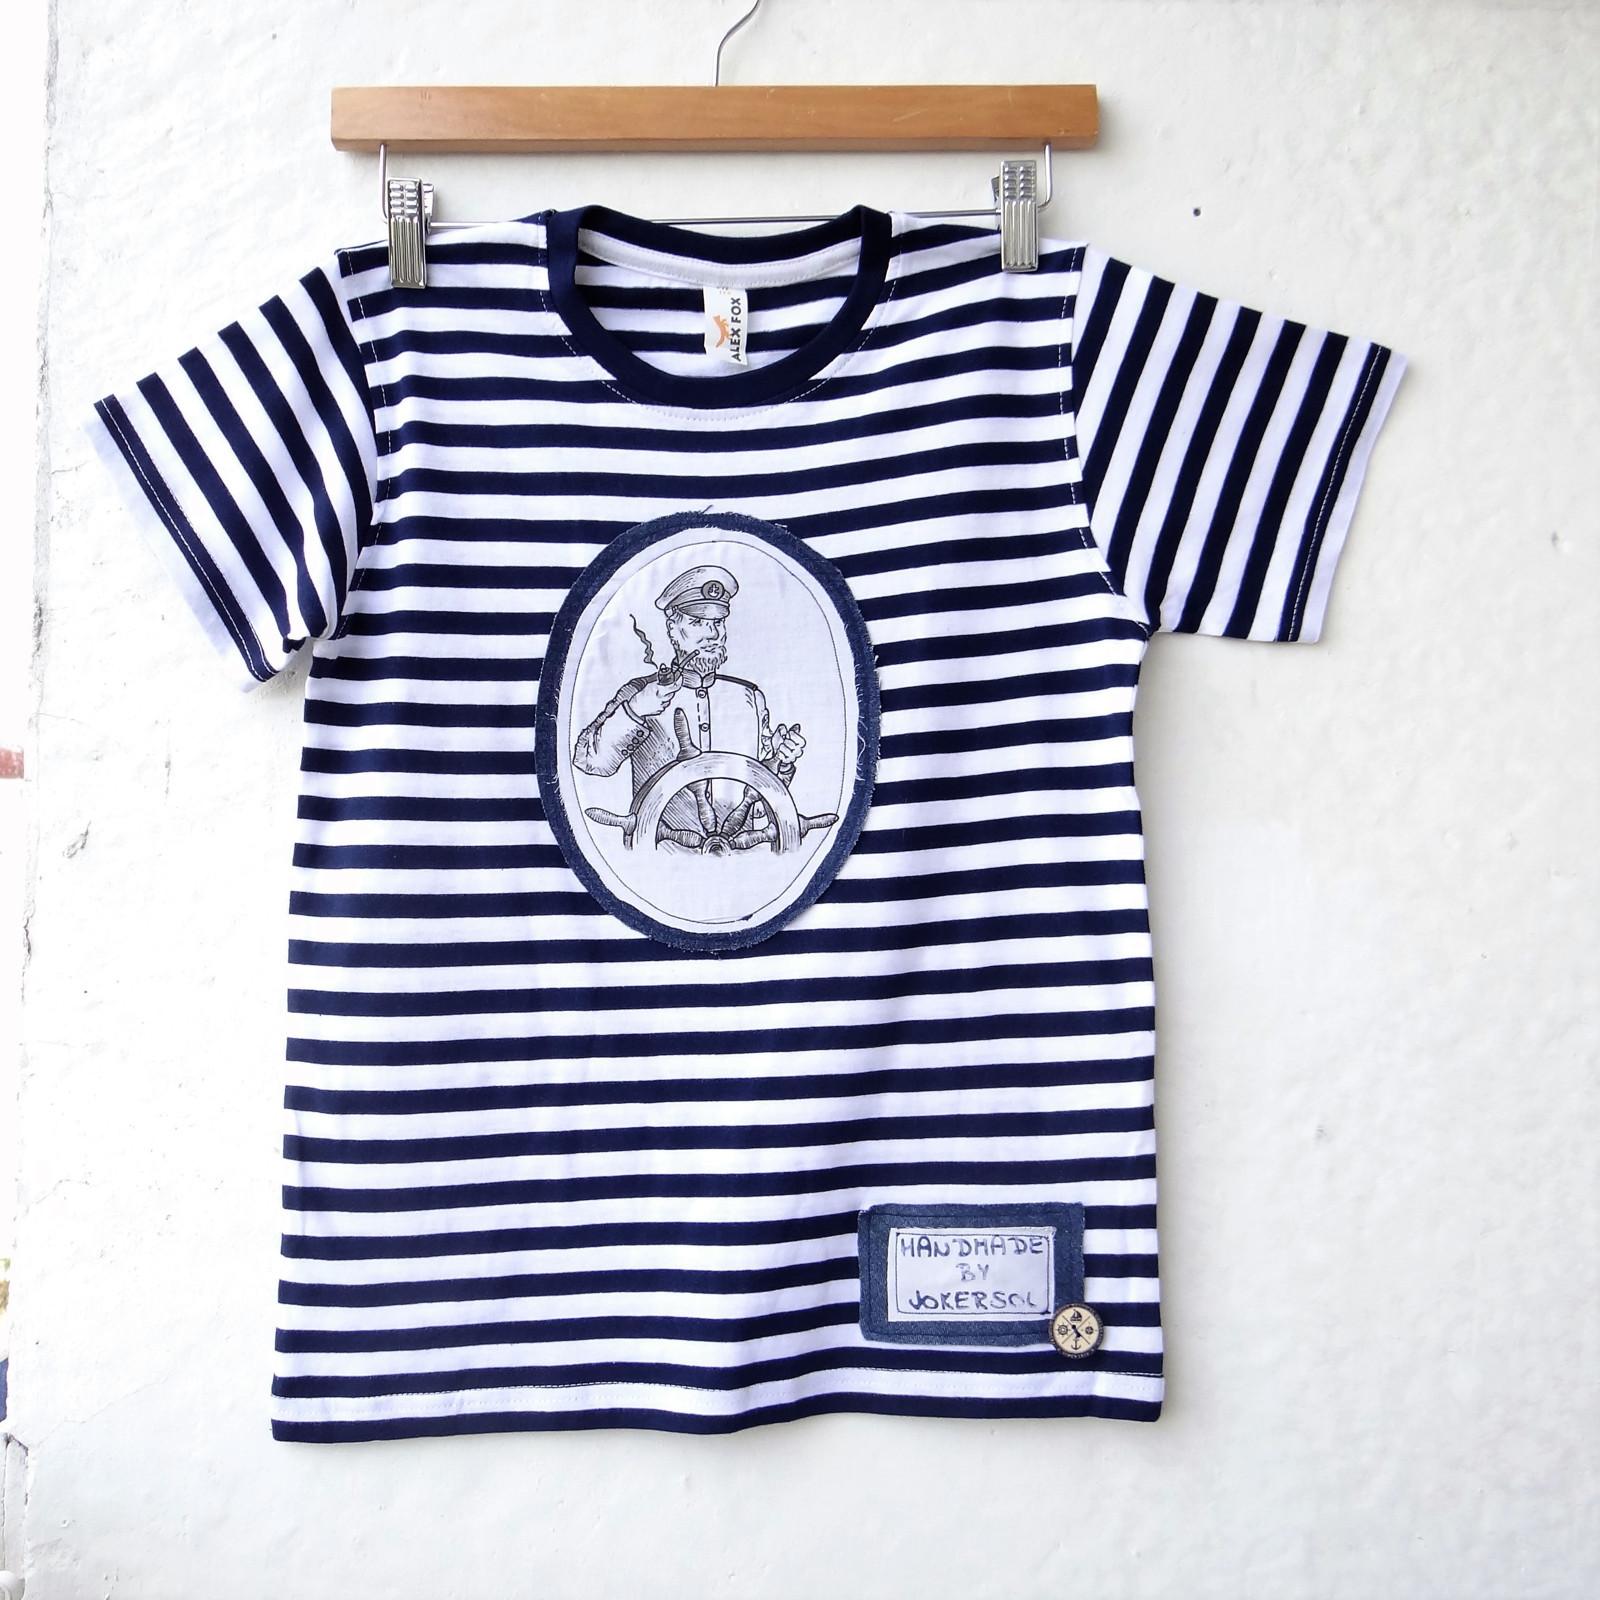 19f6334bad0d Kapitánské tričko všechny dětské velikosti   Zboží prodejce jokersol ...